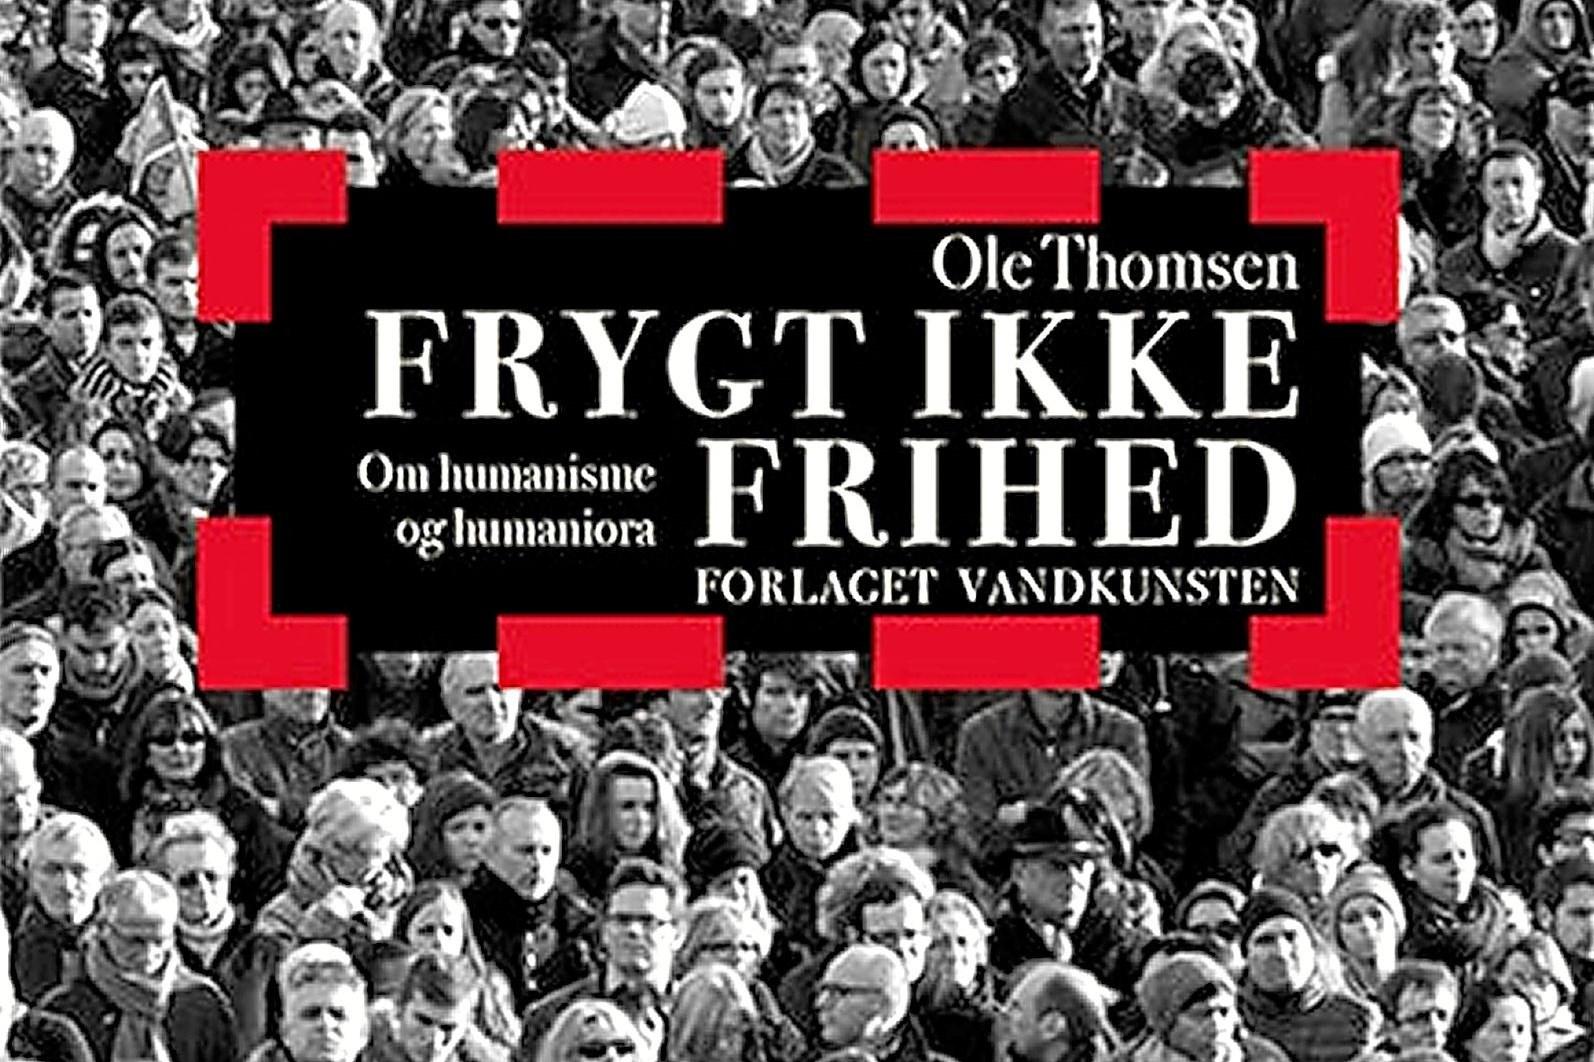 """""""Frygt ikke frihed"""" leverer kvalitetsbevidst opsang: Humanister i alle fag, forén jer!"""